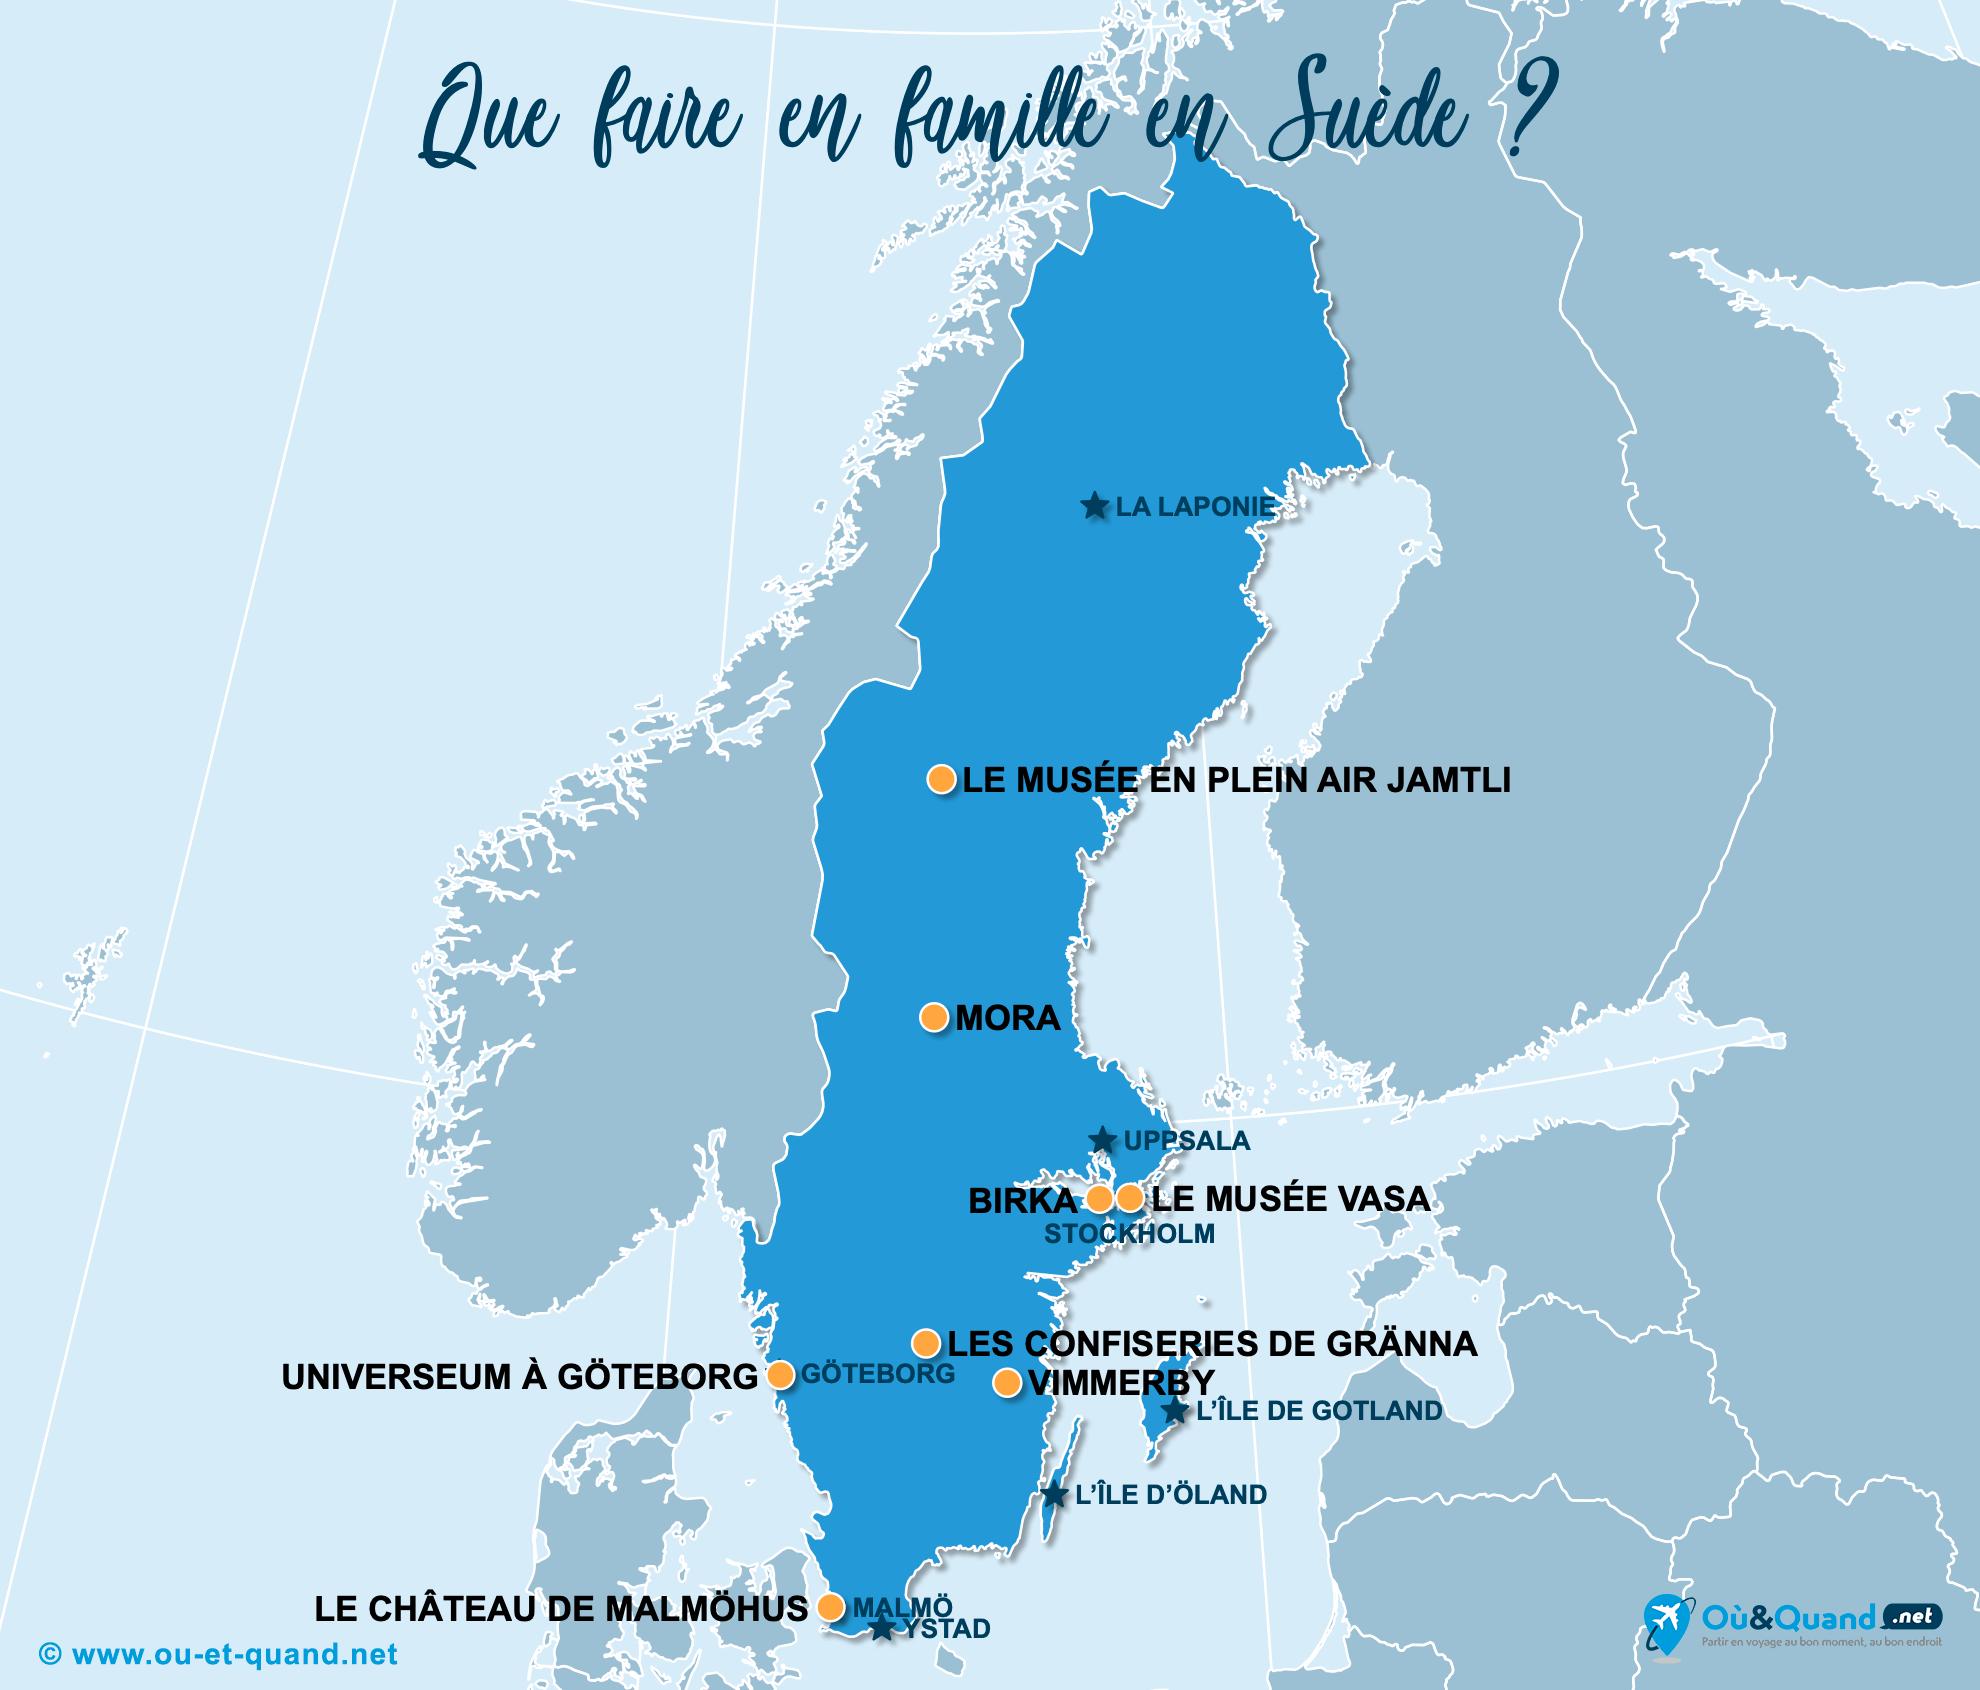 Carte Suède : La Suède en famille